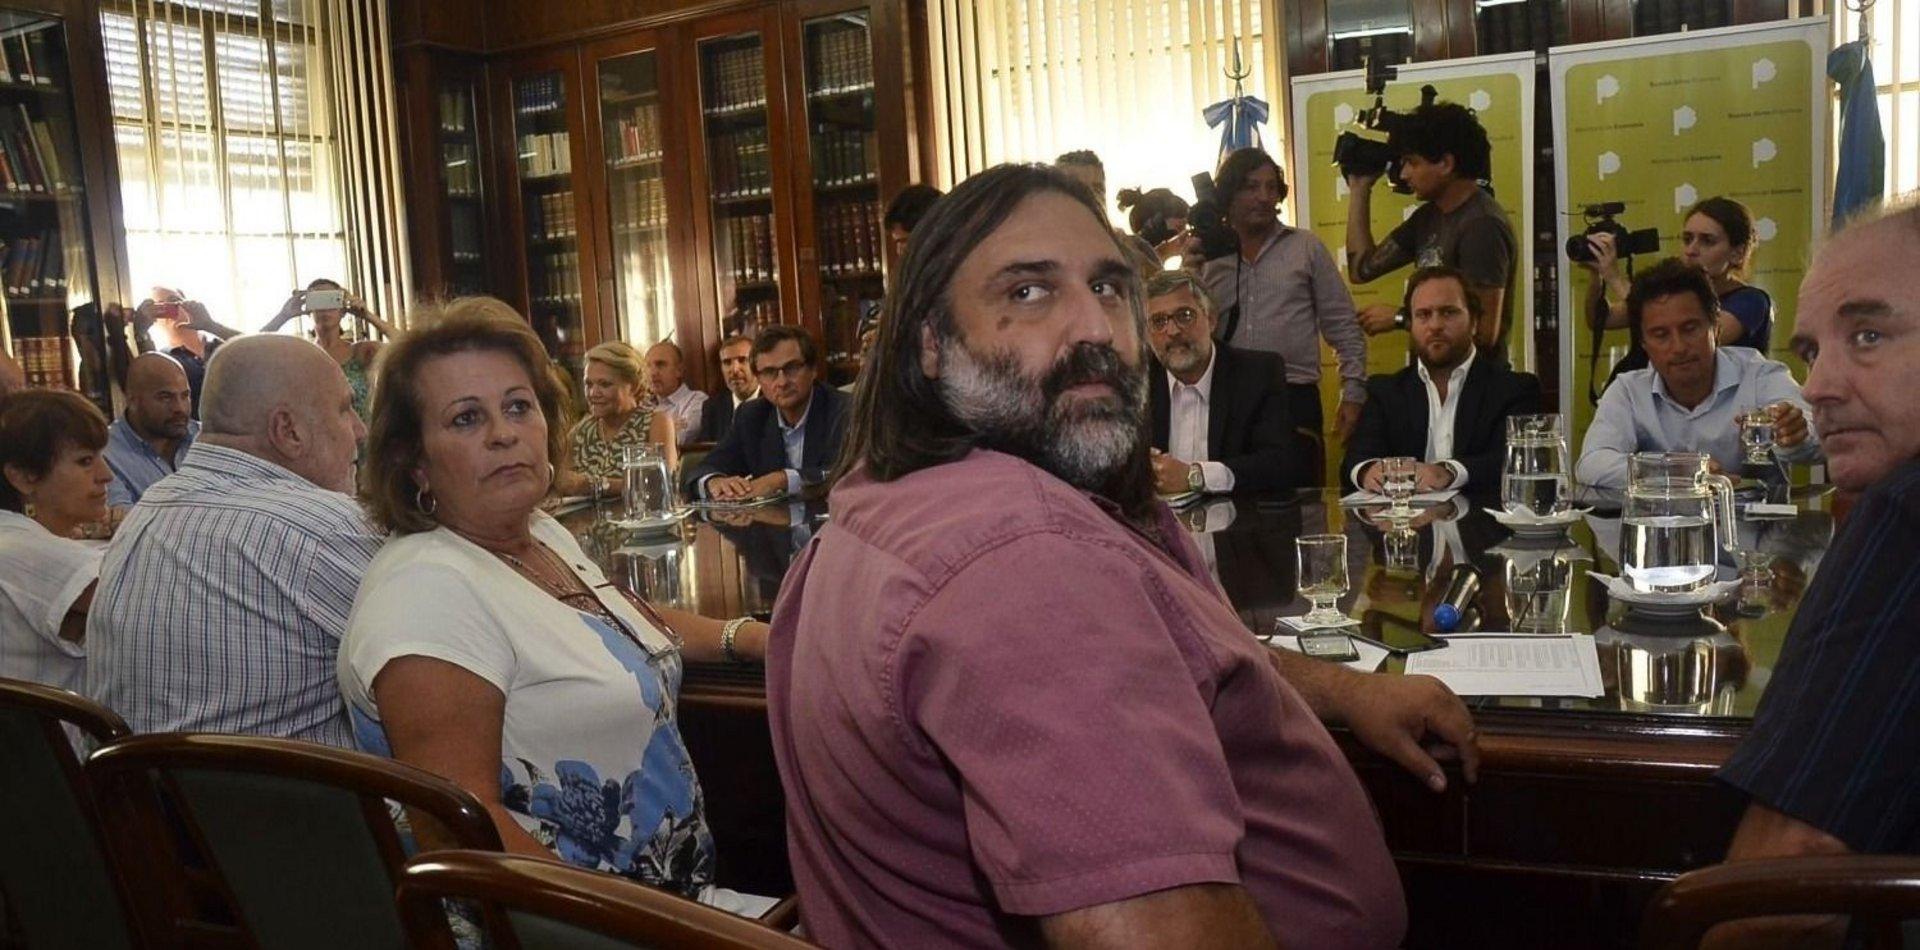 Docentes congelan paros hasta la reunión paritaria con Vidal pero advierten que la situación es «insostenible»